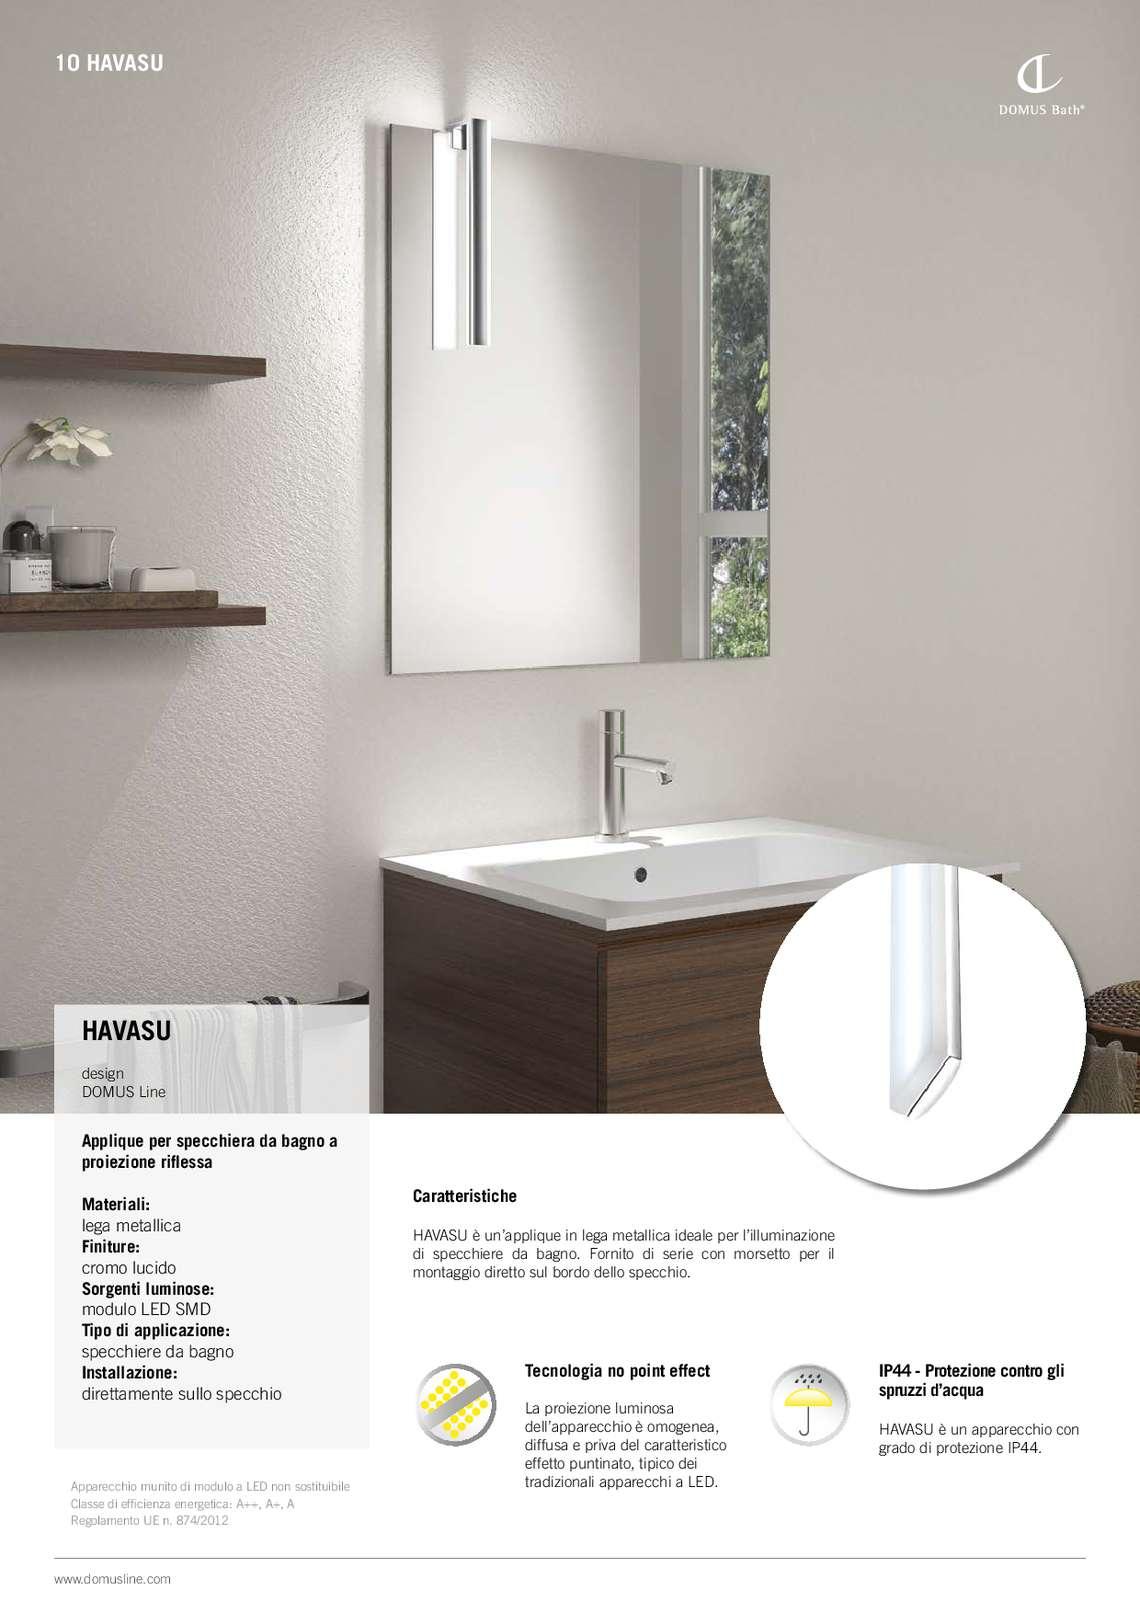 domus-line-bath_24_010.jpg